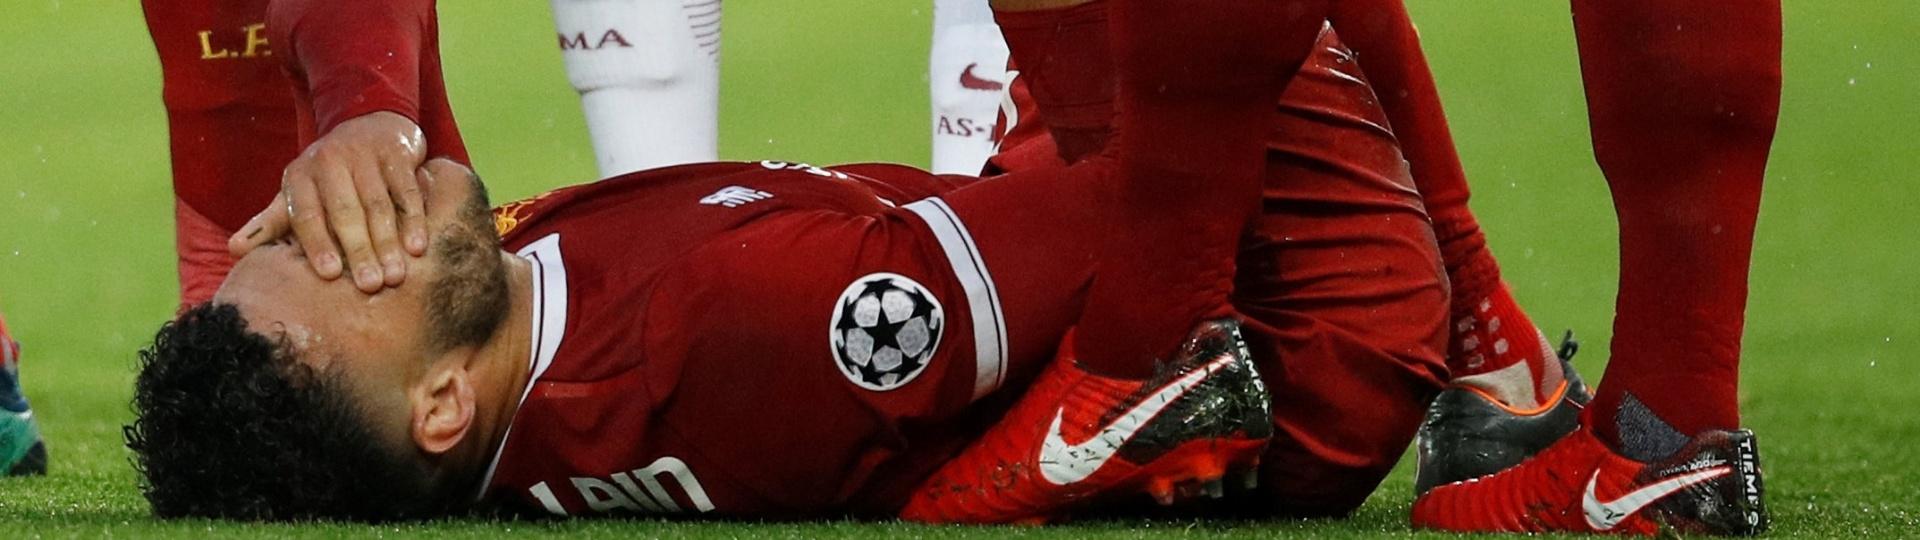 Alex Oxlade-Chamberlain sente uma lesão no joelho e é substituído